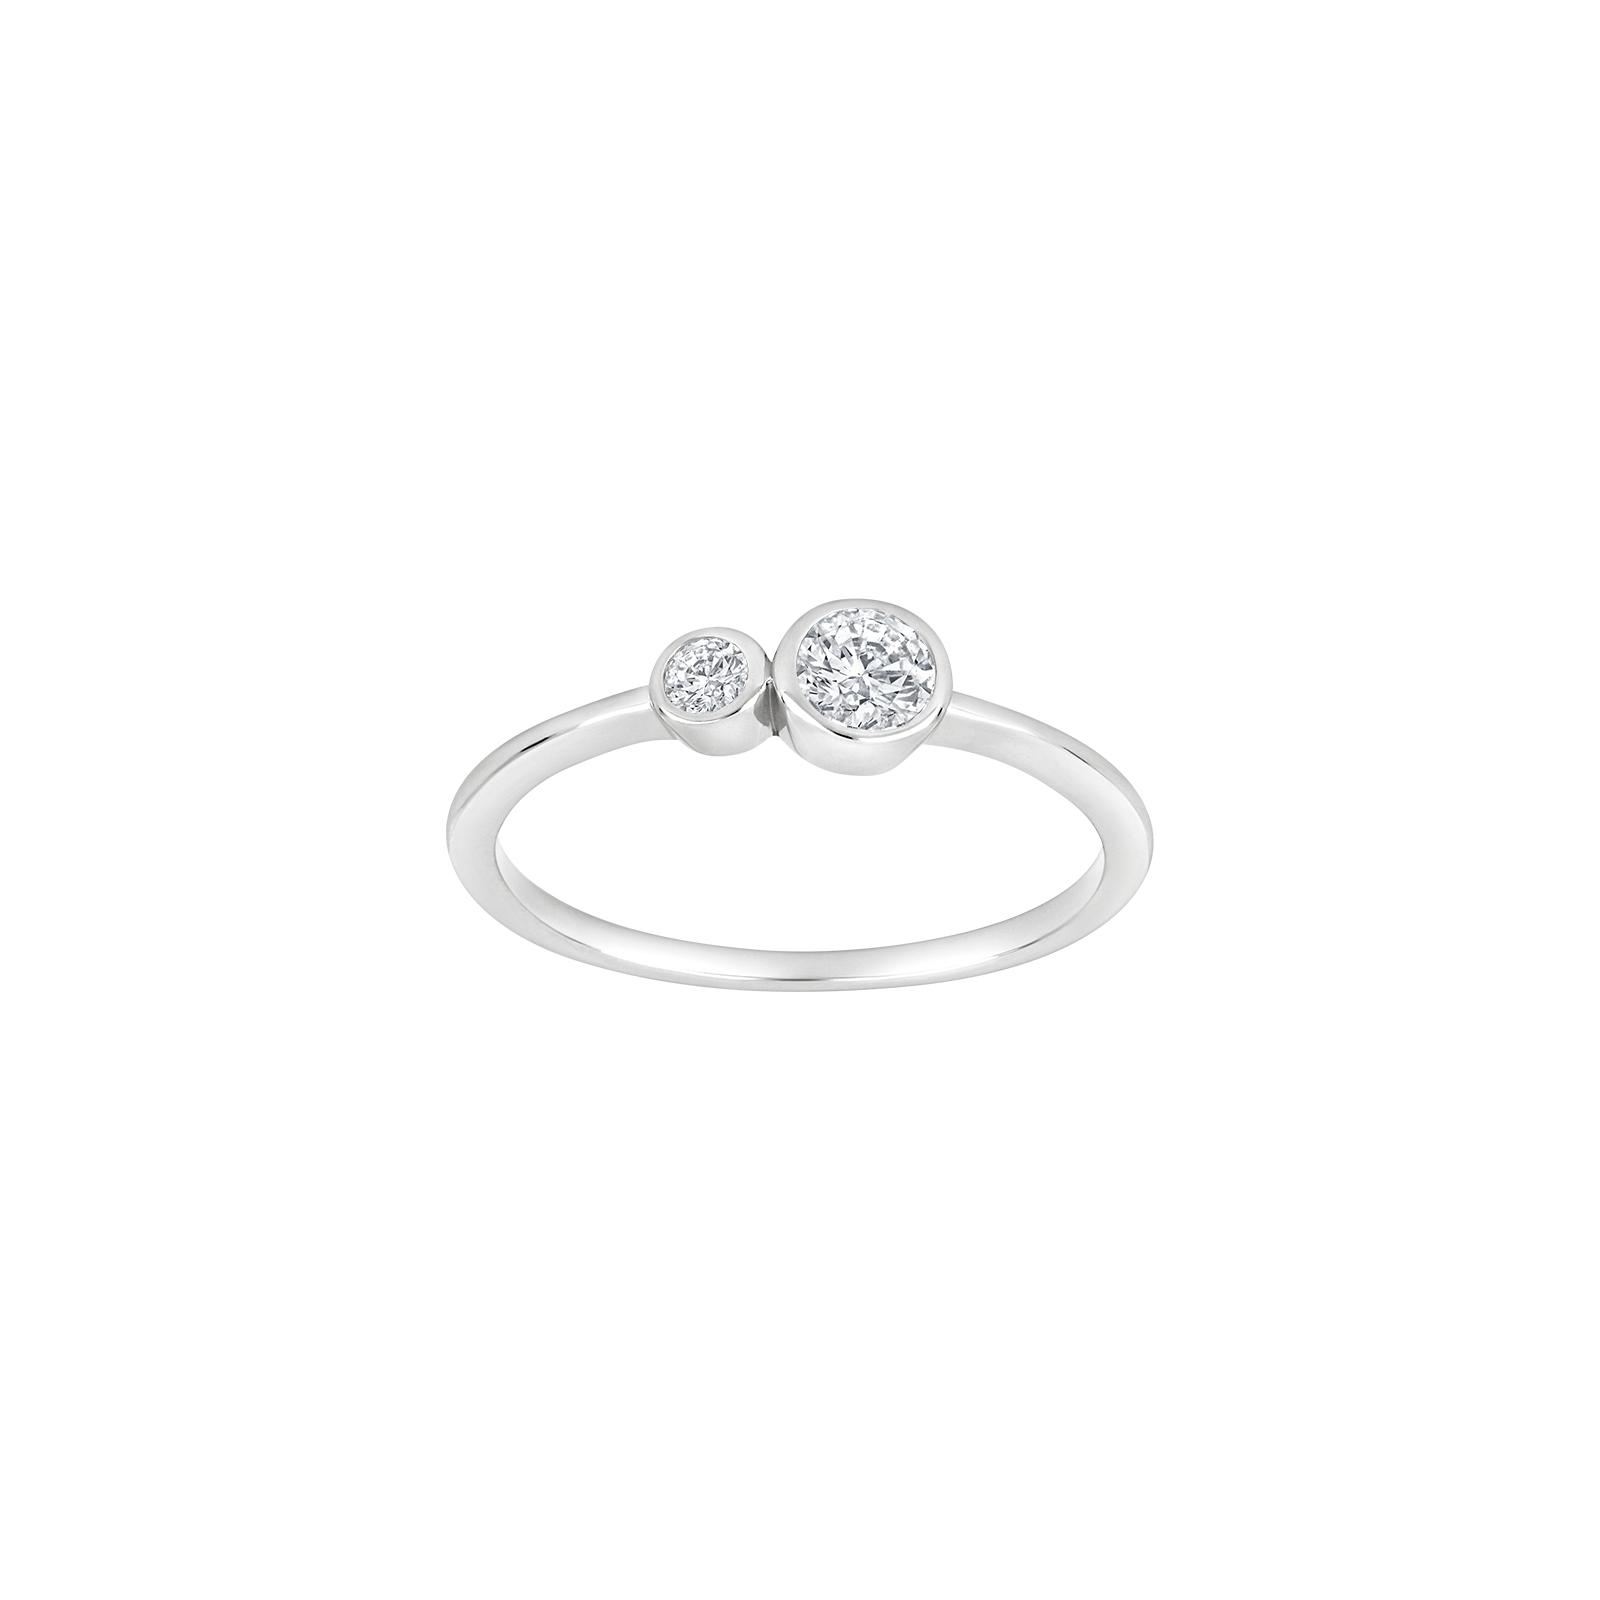 Rhodineret sølv ring med zirkoner IdaNor fra Joanli Nor